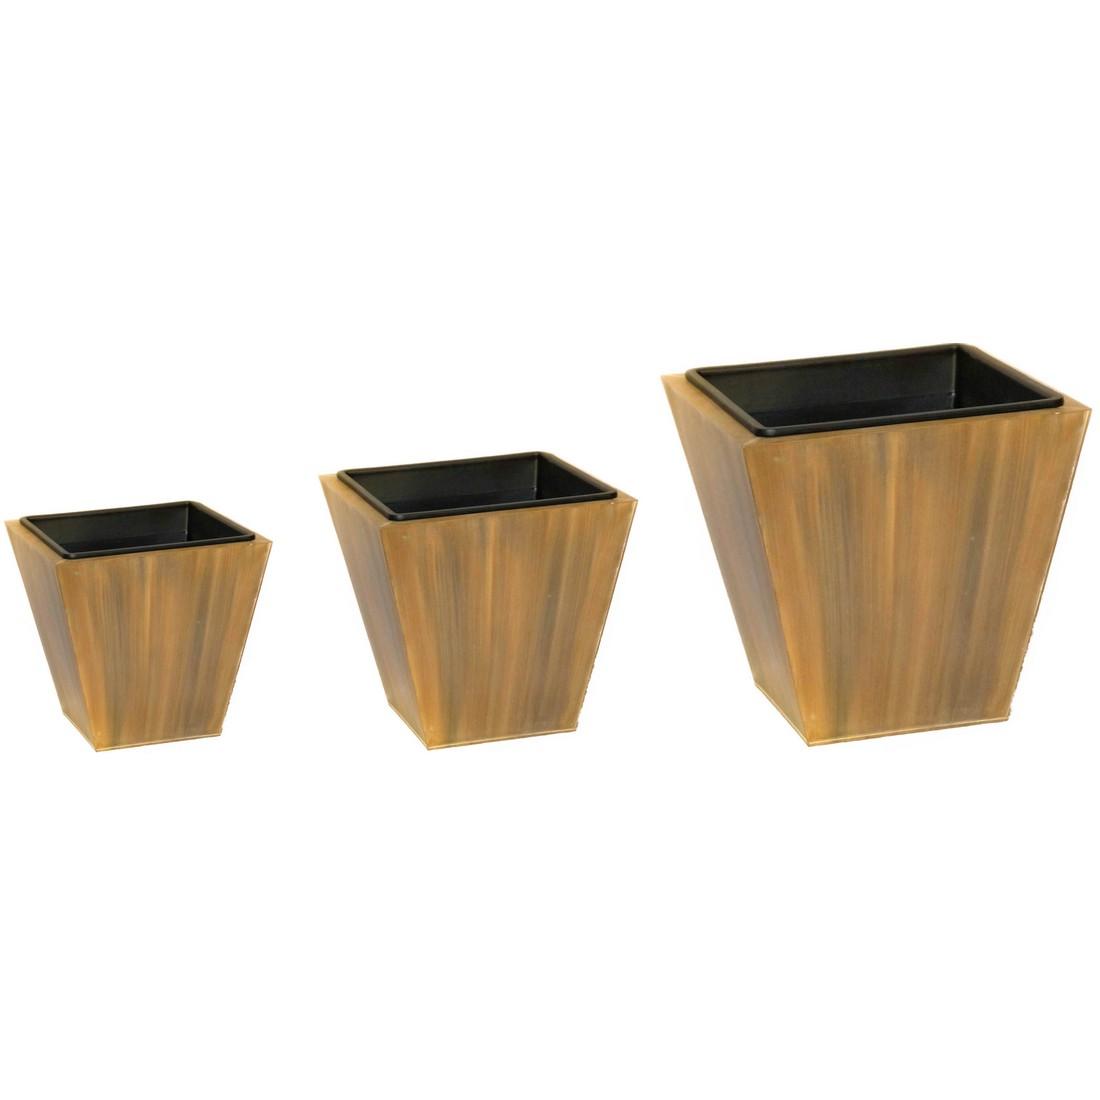 Pflanzkübel Wood – Zink – Sky – Höhe: 50 cm Breite: 48 cm (einzeln), Helmes Home & Garden online kaufen